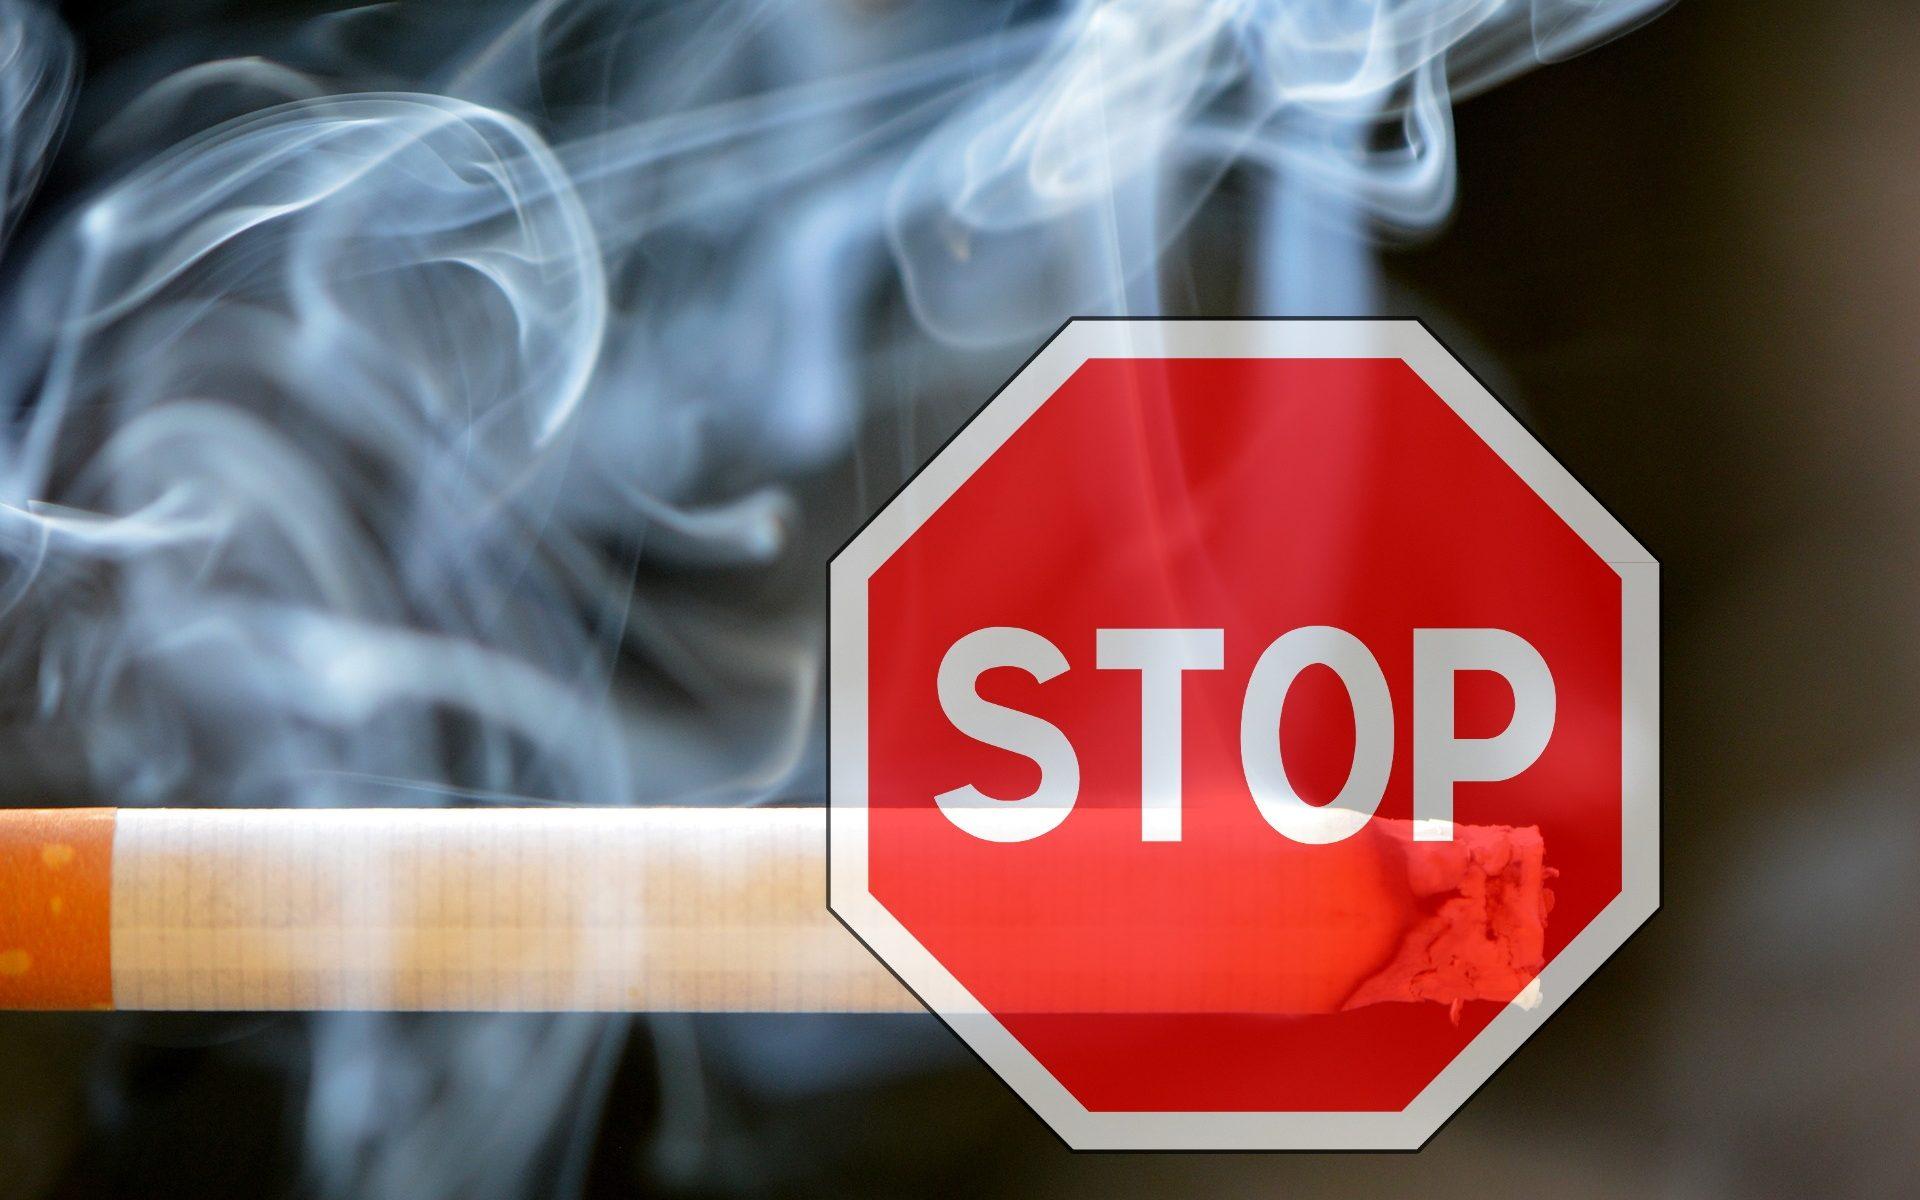 l'hypnose est très efficace pour arrêter de fumer définitivement !